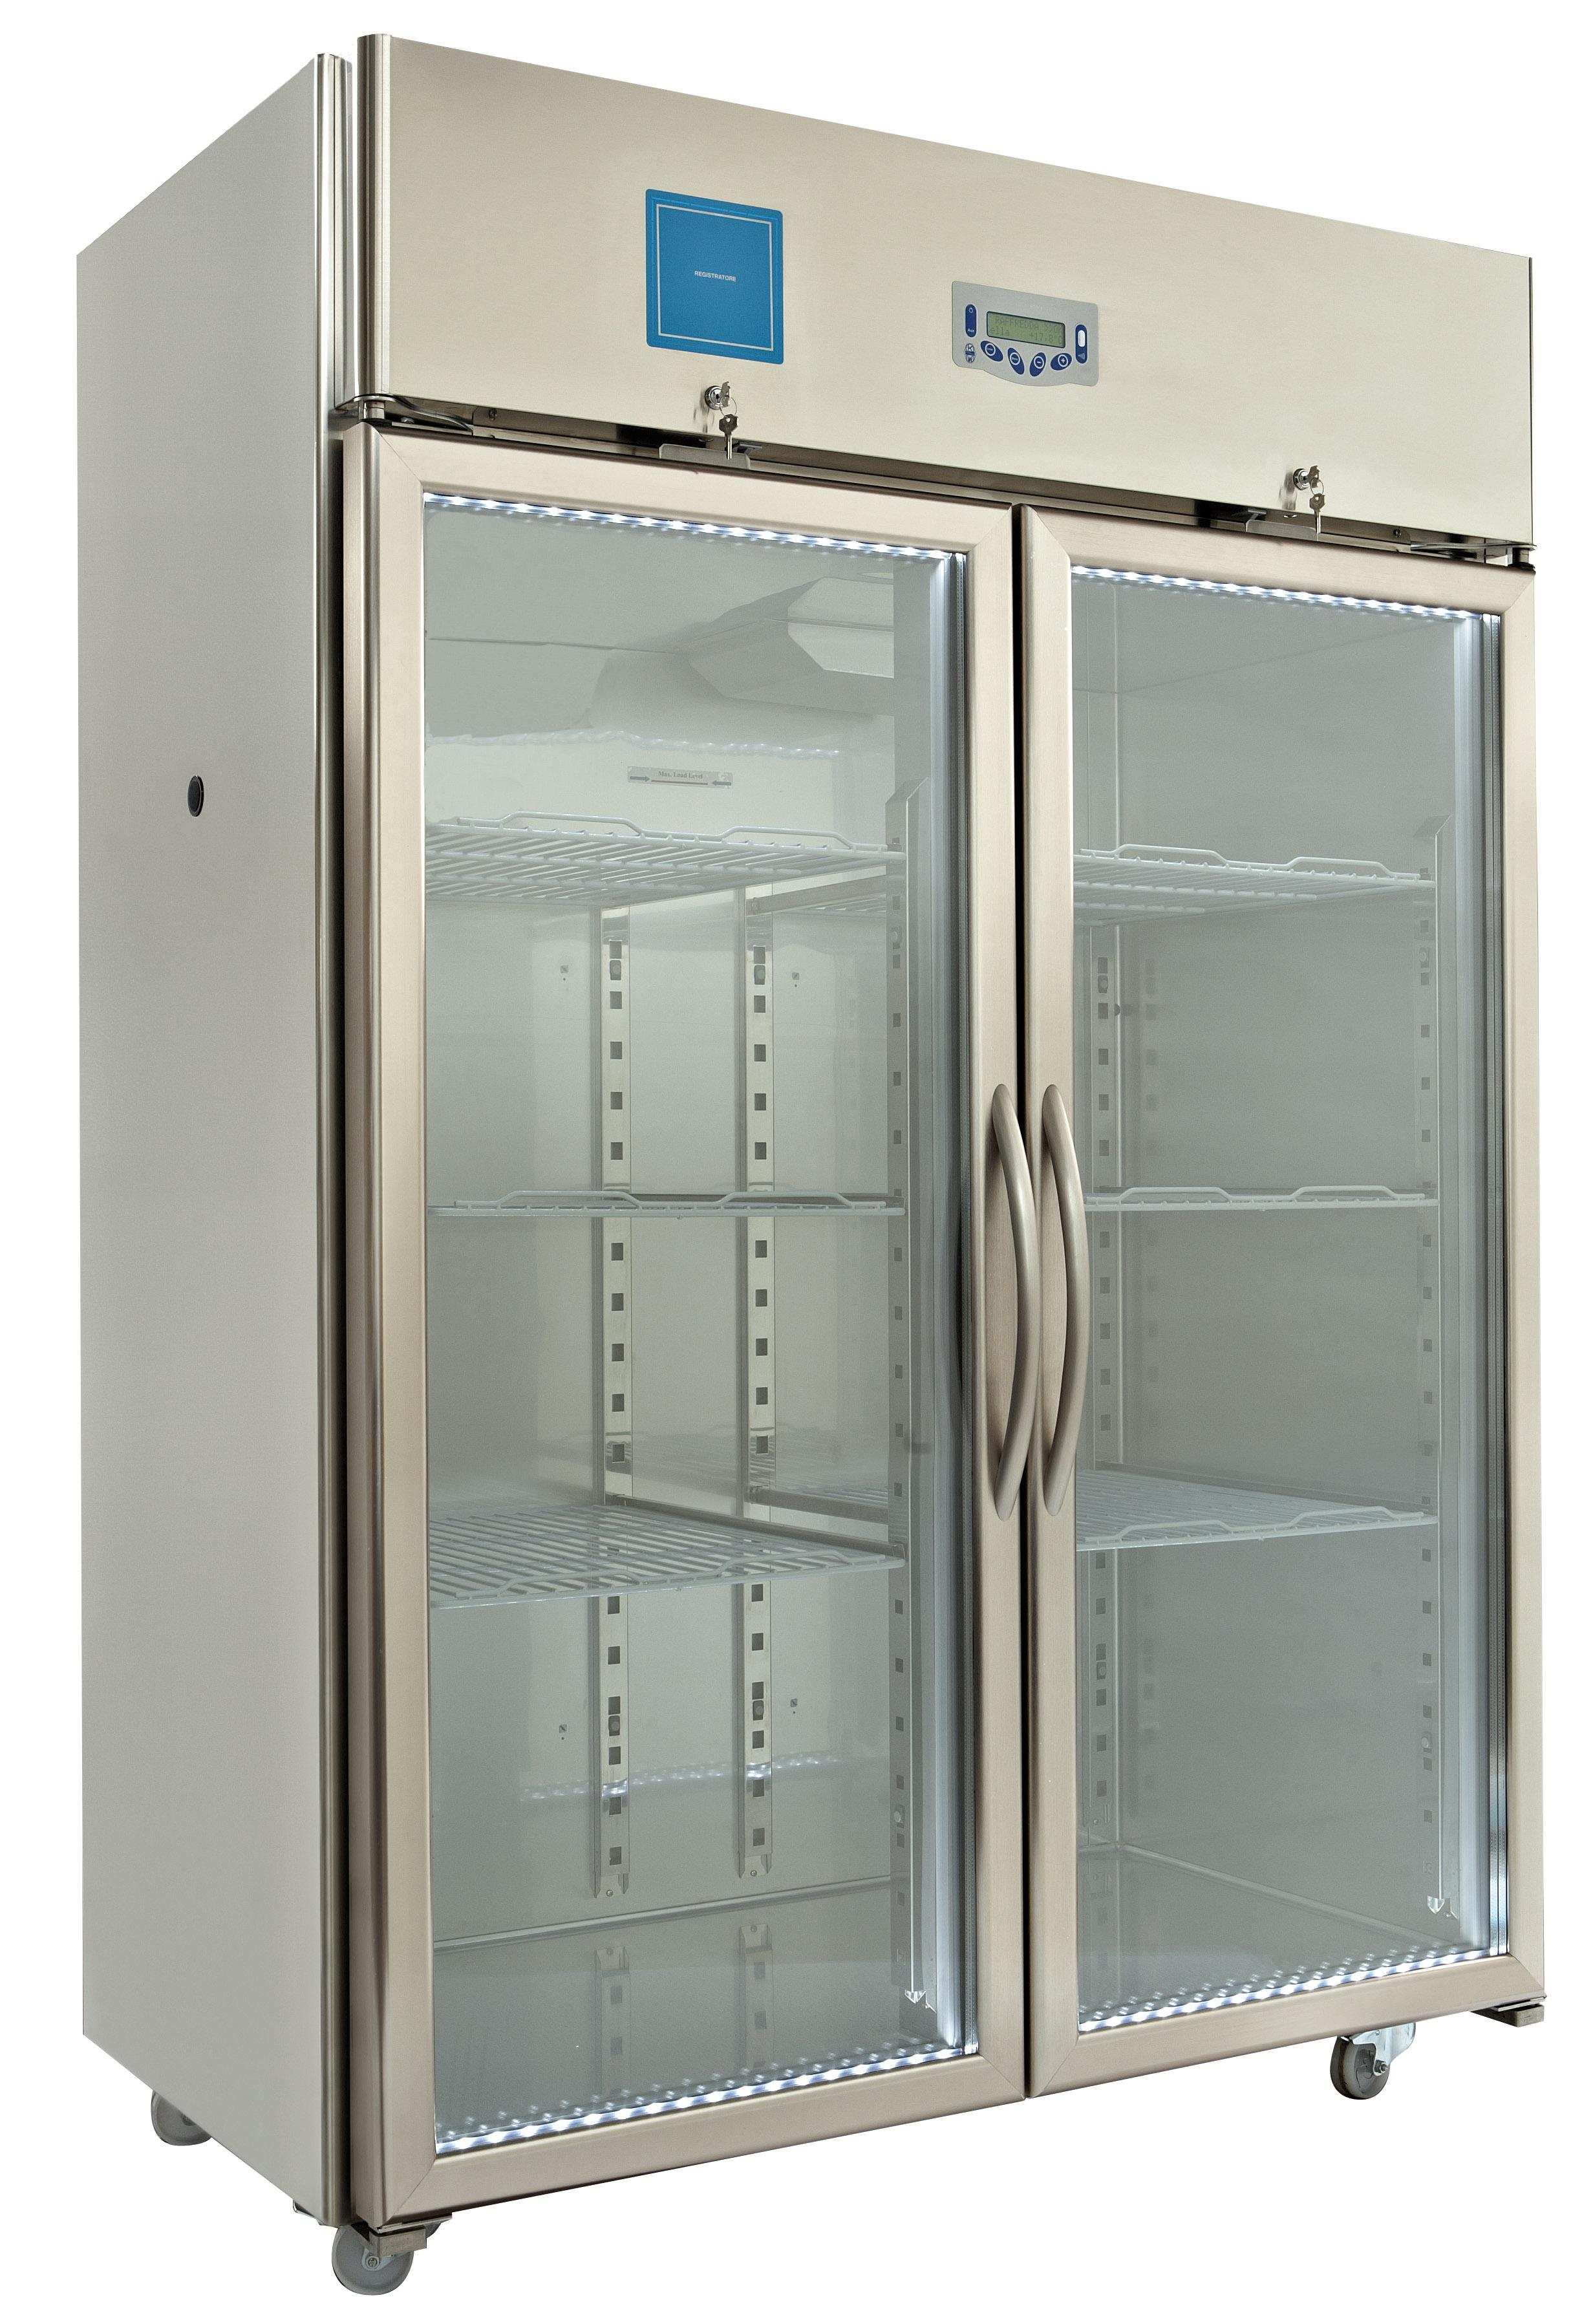 ESLABKF1500CX Freezer ESLABK